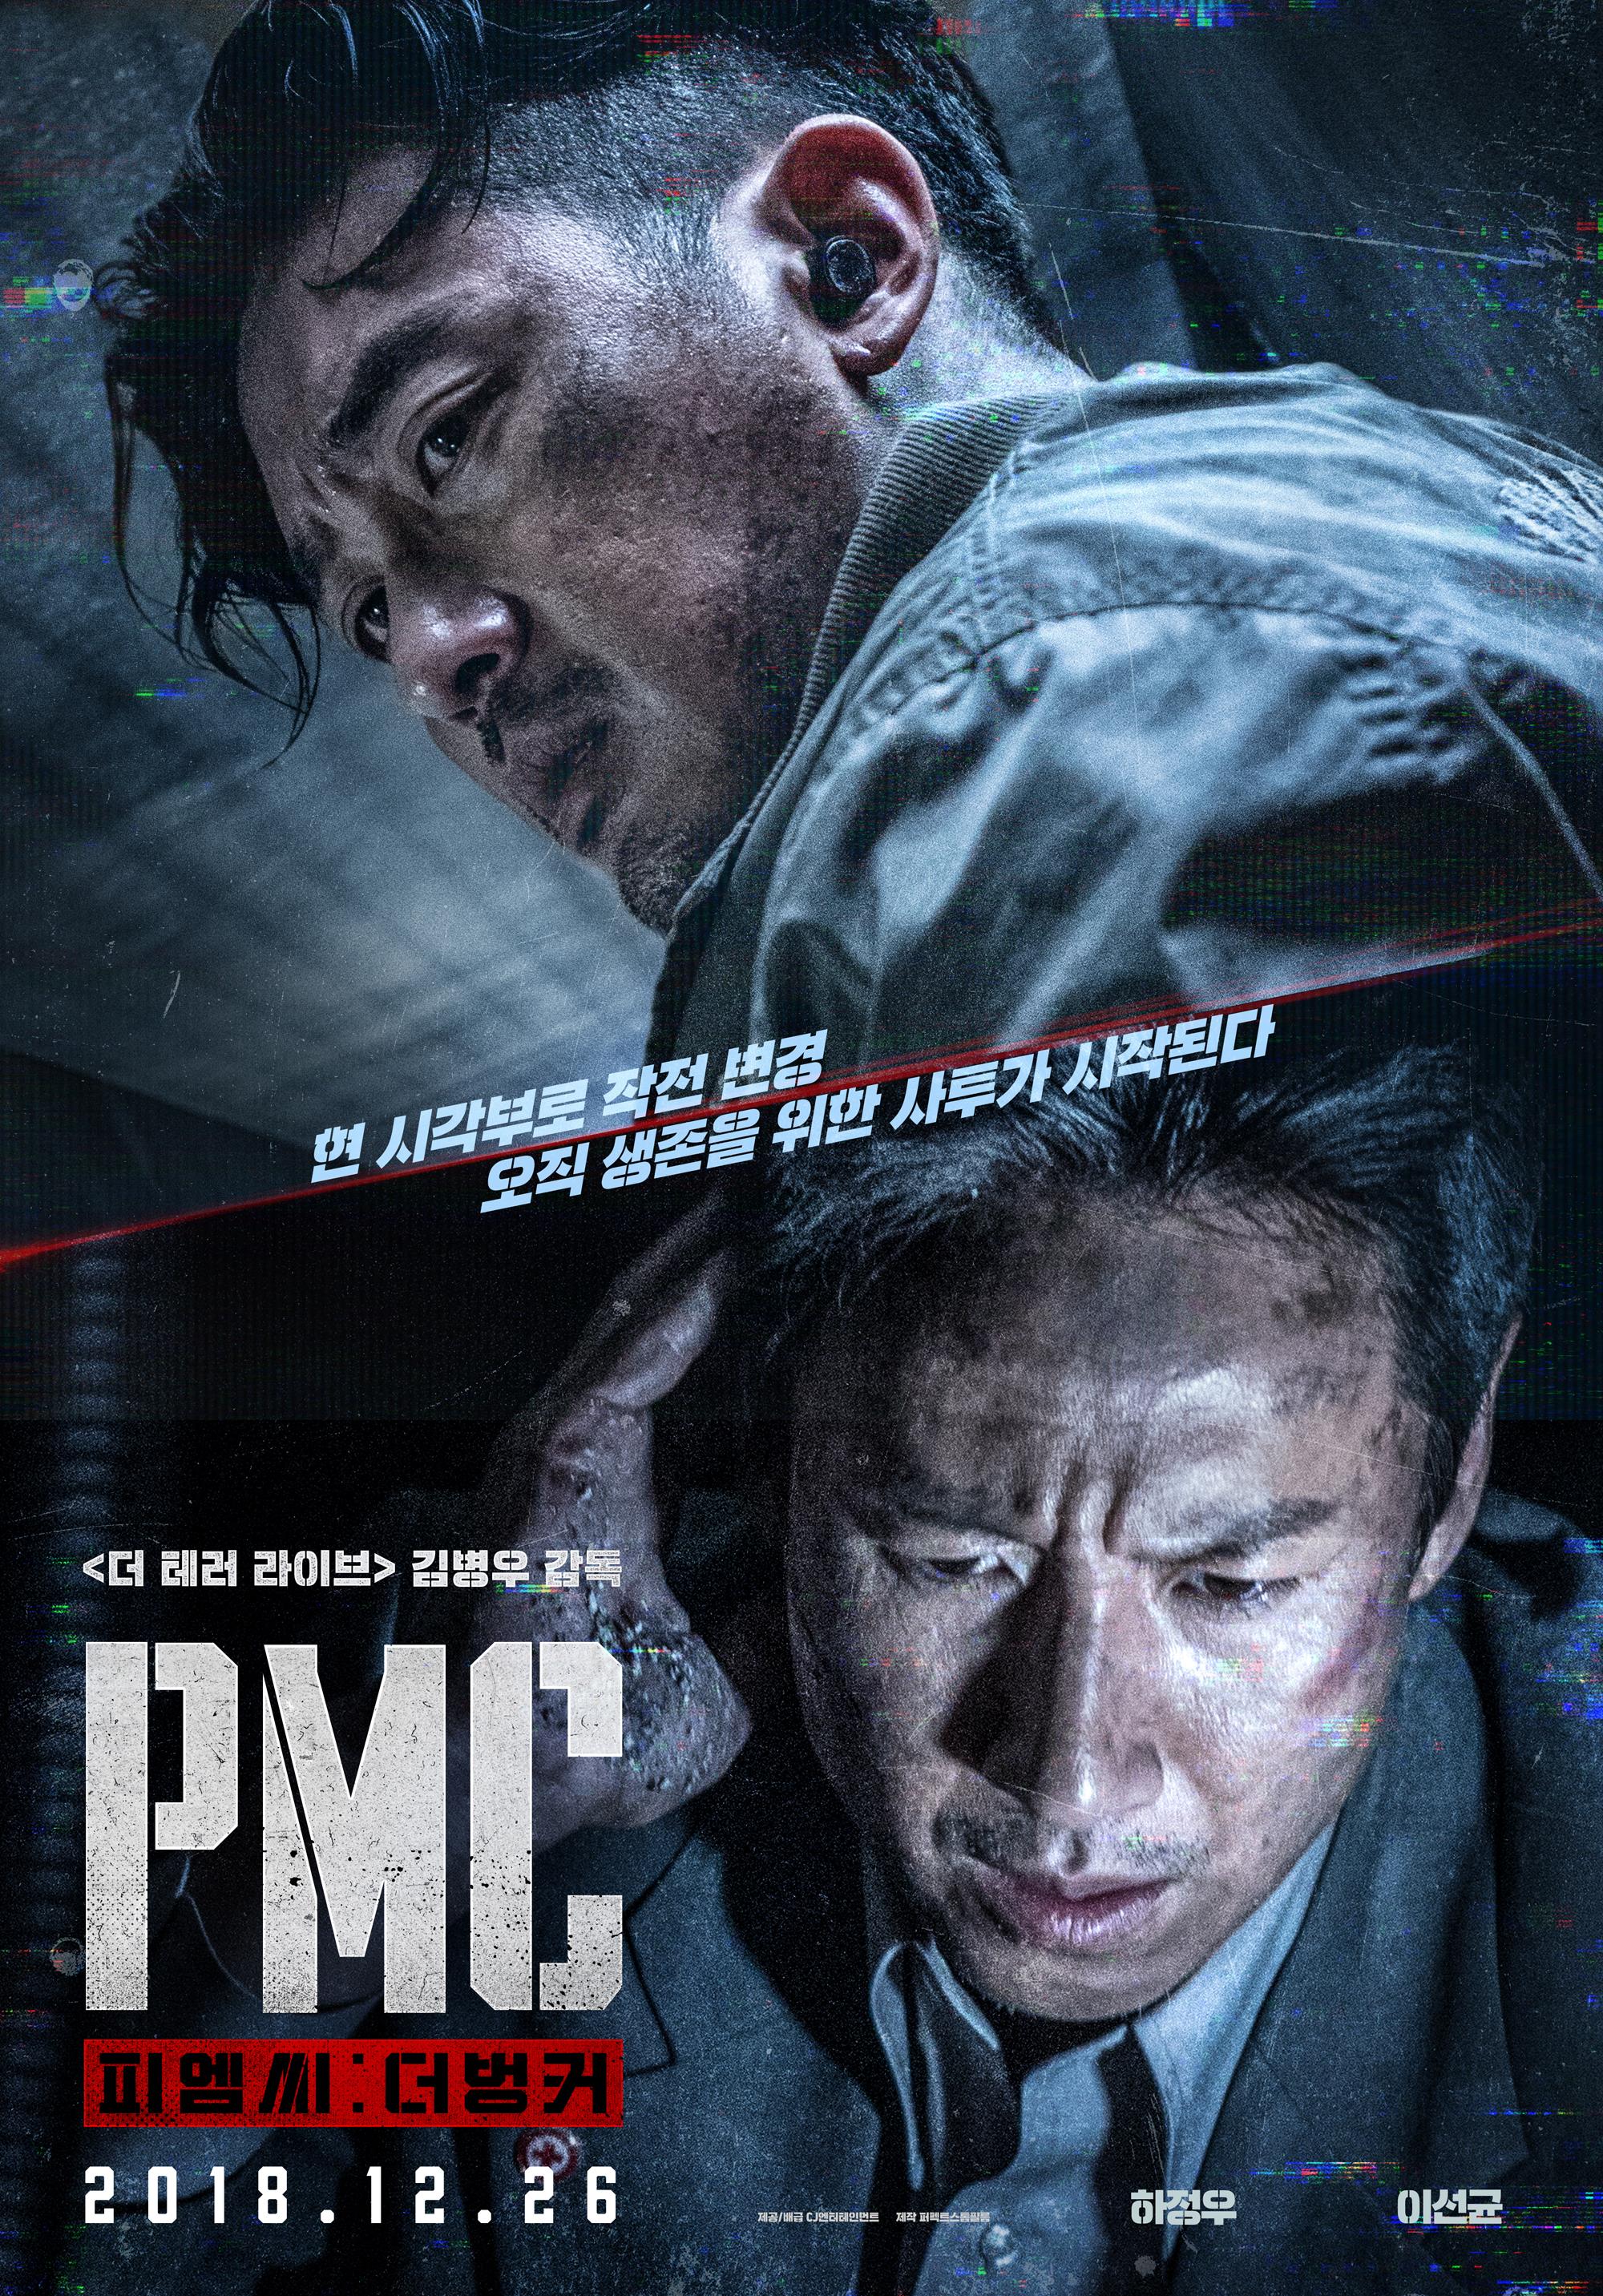 PMC : 더 벙커 (Take Point, 2018)